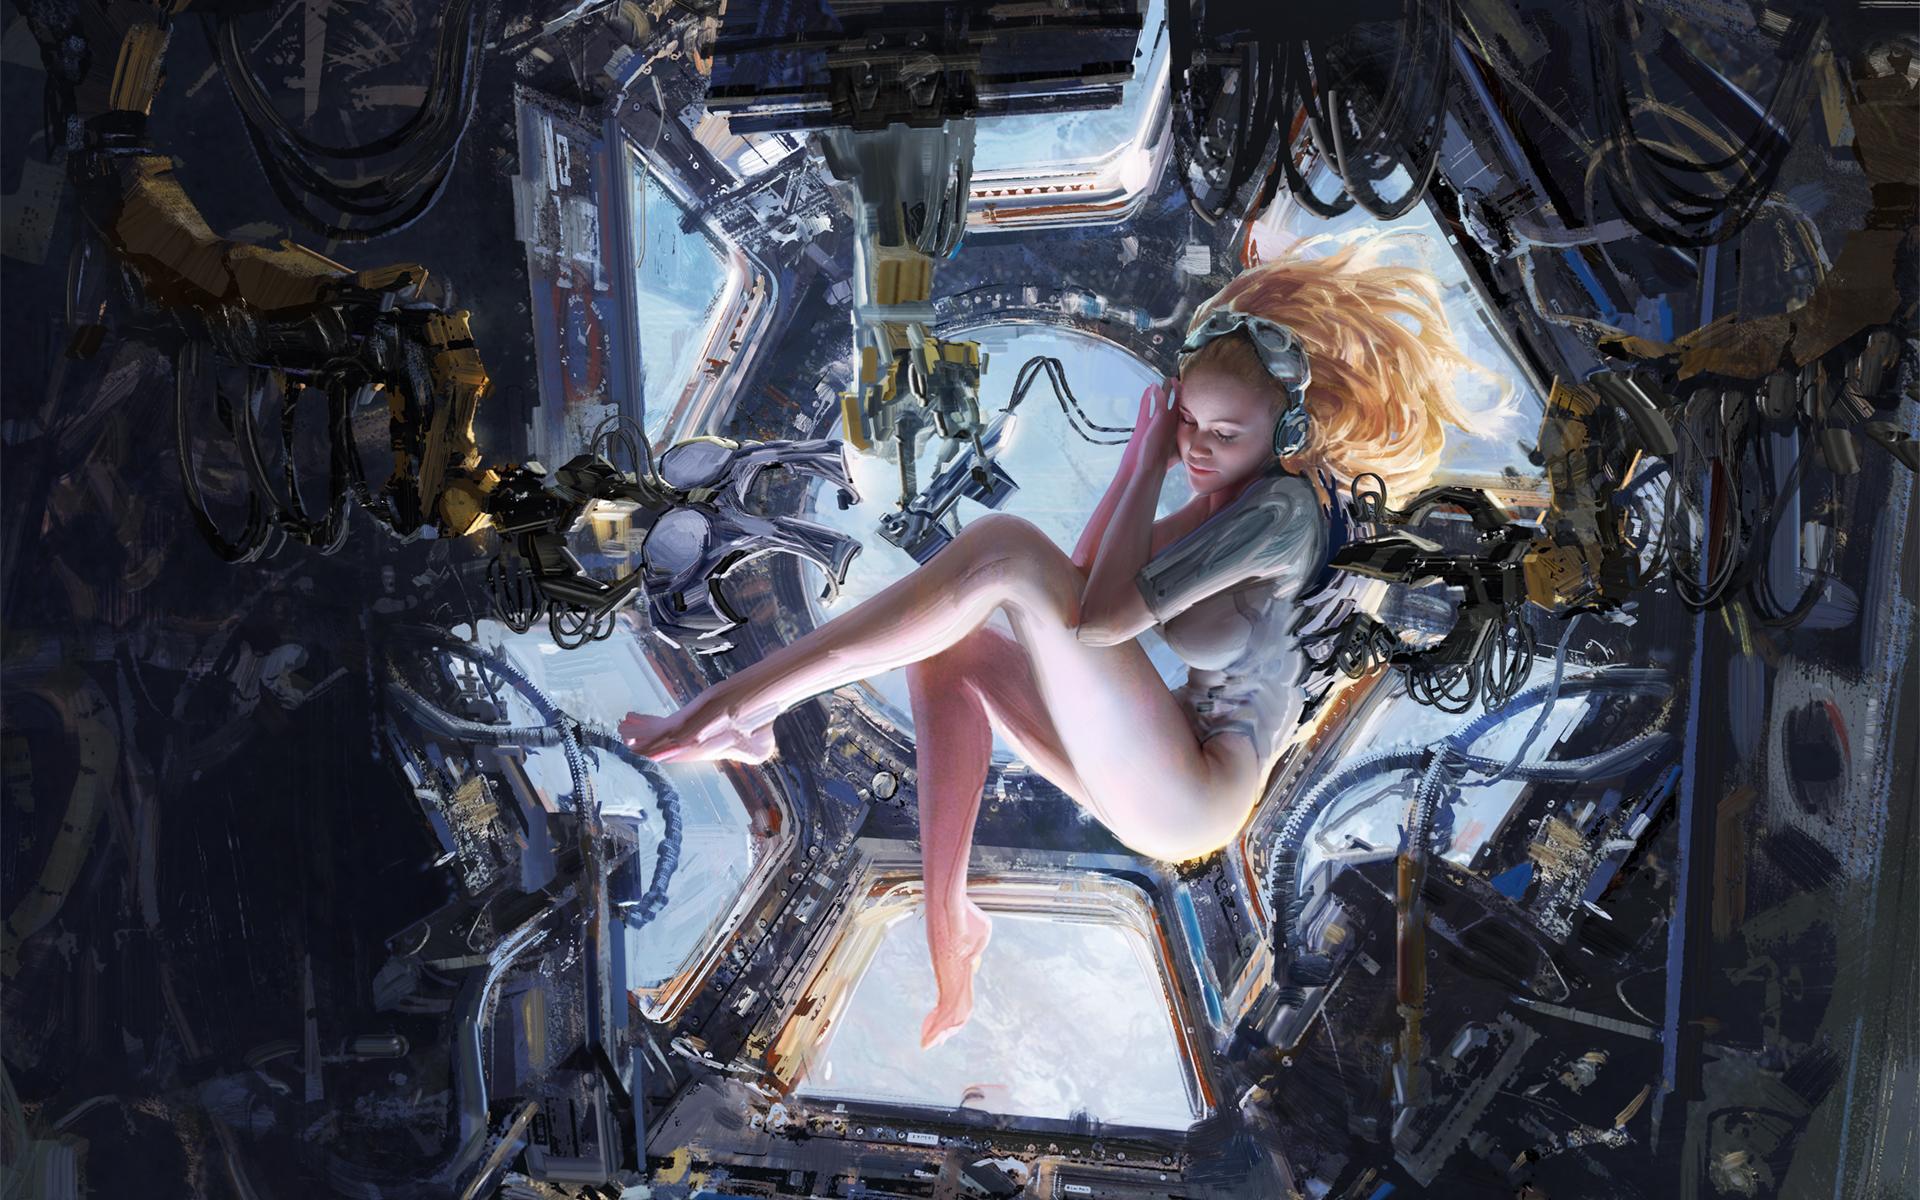 The Sci-Fi & Fantasy Paintings of Wangjie Li